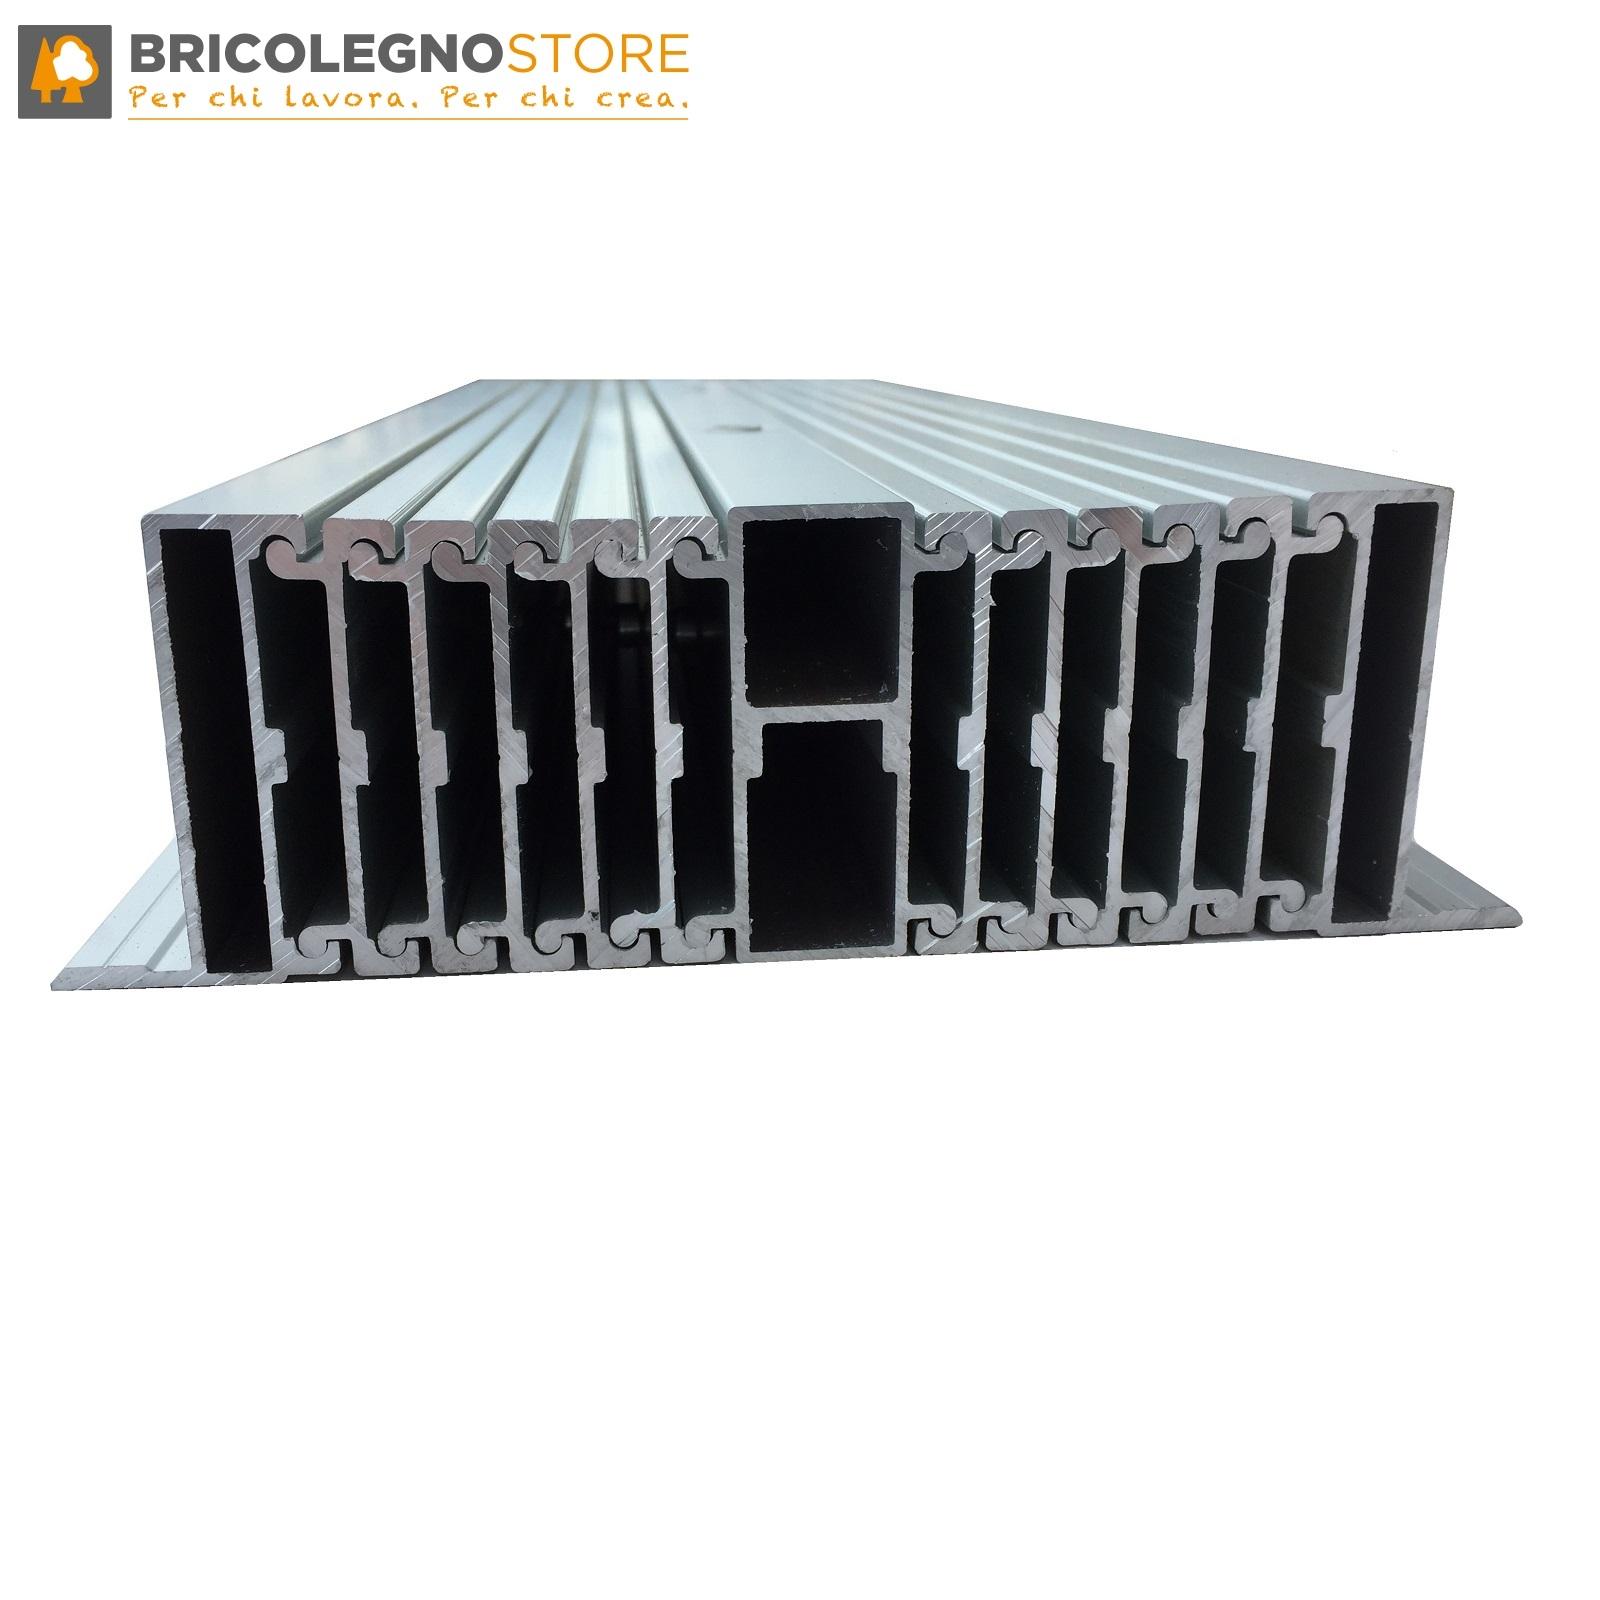 Guide Telescopiche Per Tavoli Allungabili.Guide Allungabili Telescopiche In Alluminio Con Gamba Centrale Per Tavoli Estensibili E Consolle